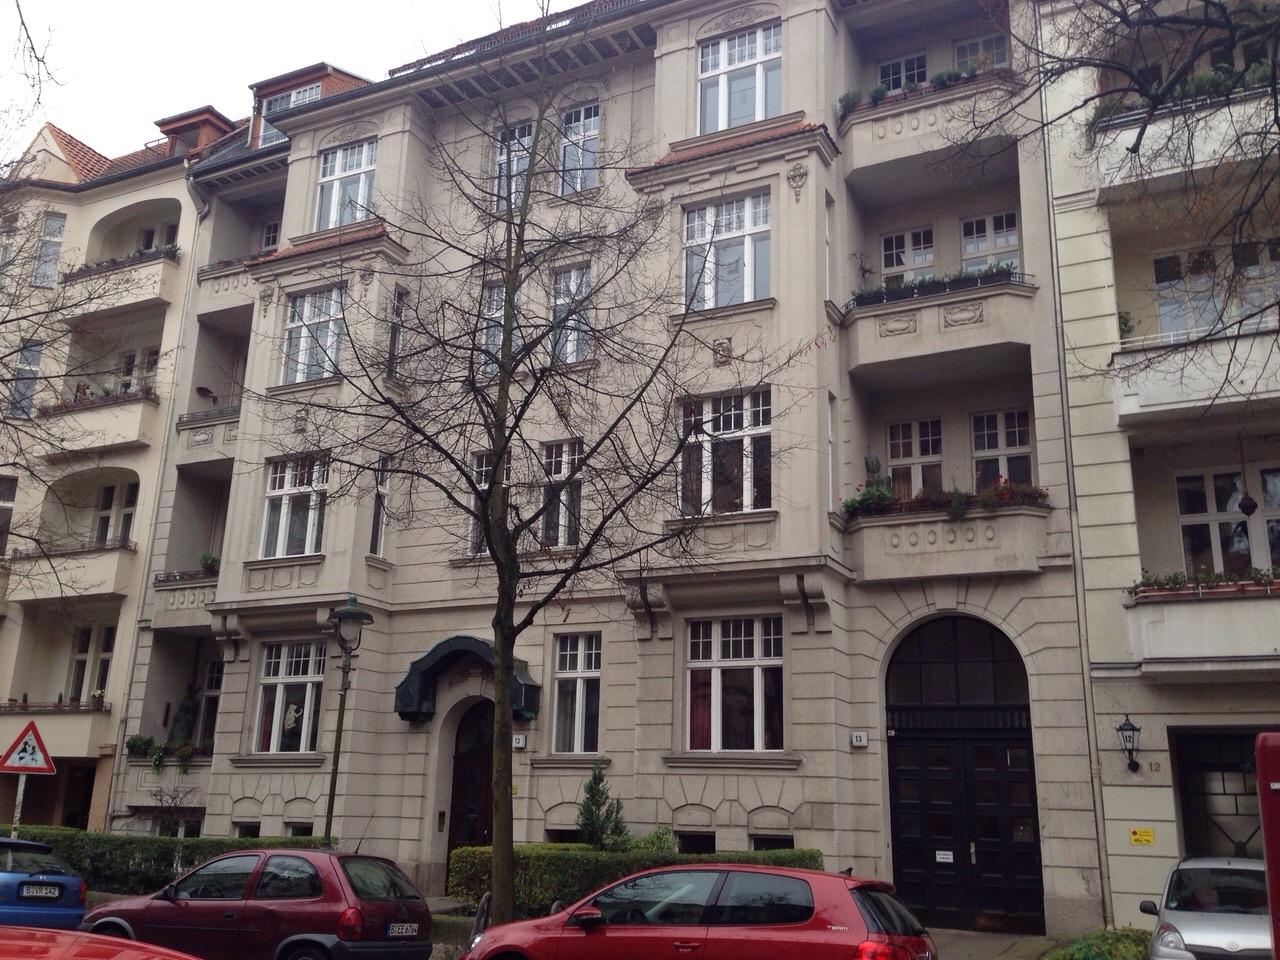 4-Zimmer Eigentumswohnung in ruhiger aber zentraler Lage